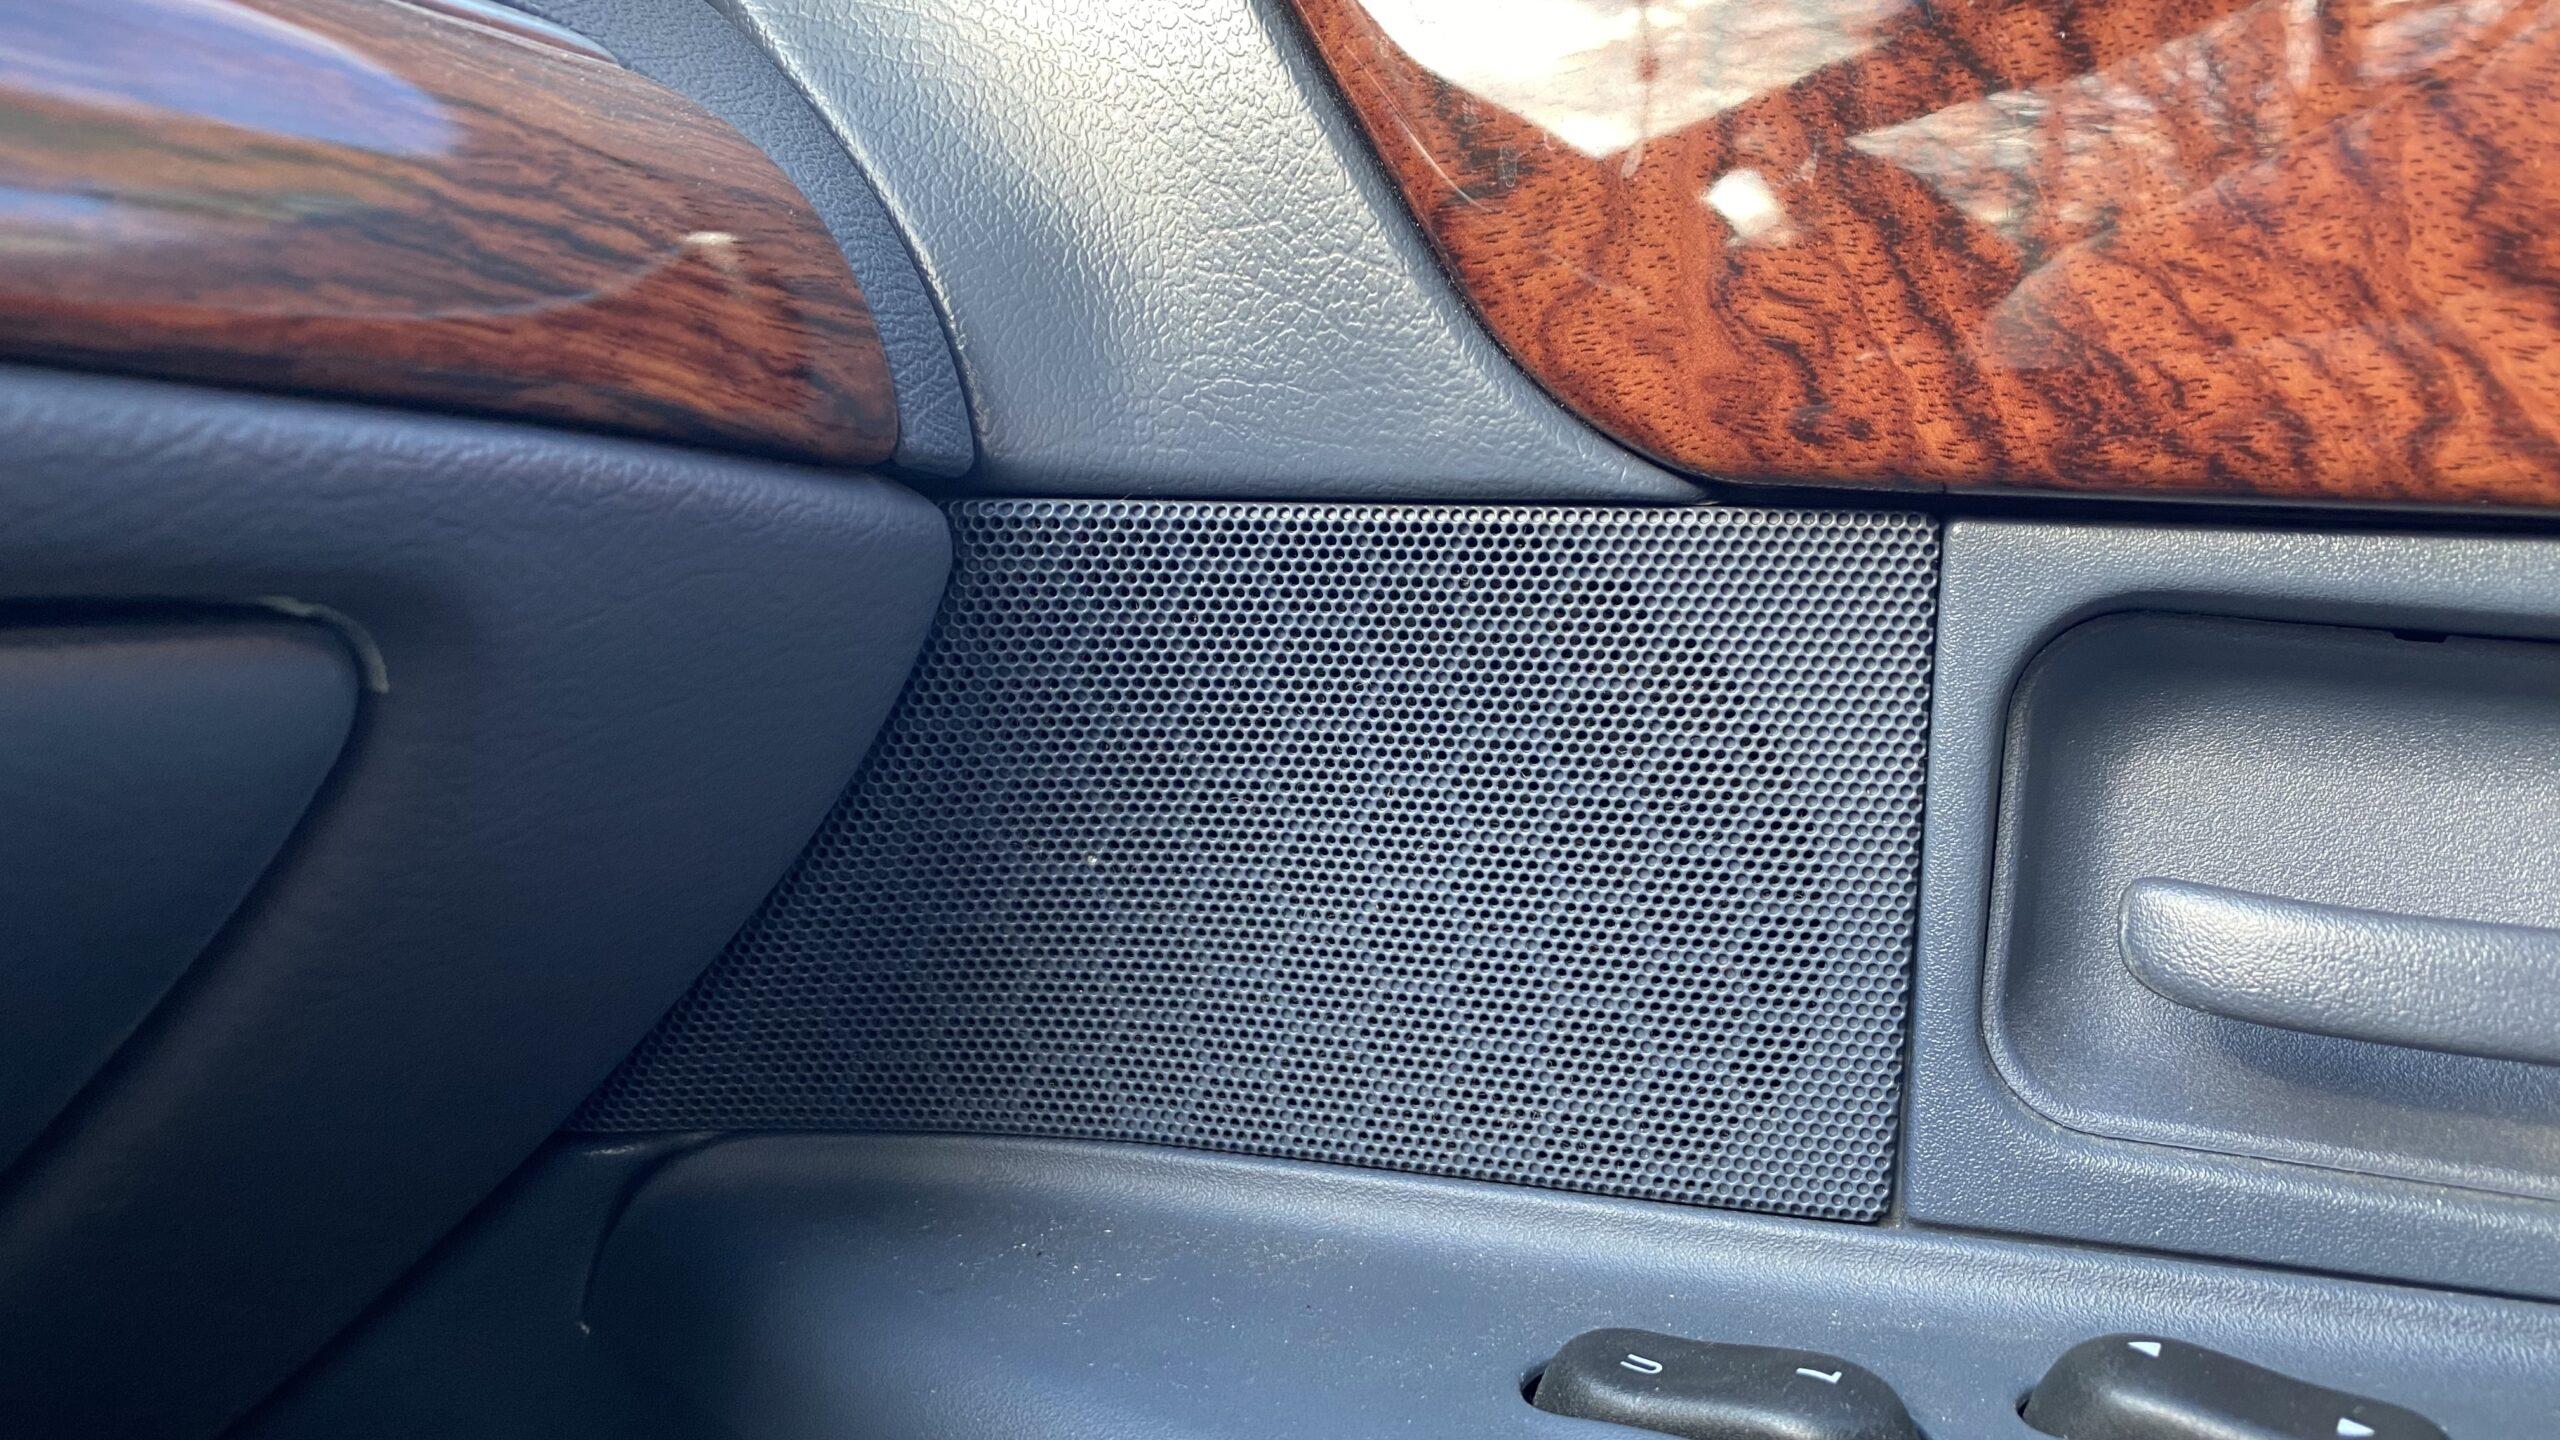 Passenger door speaker grille.